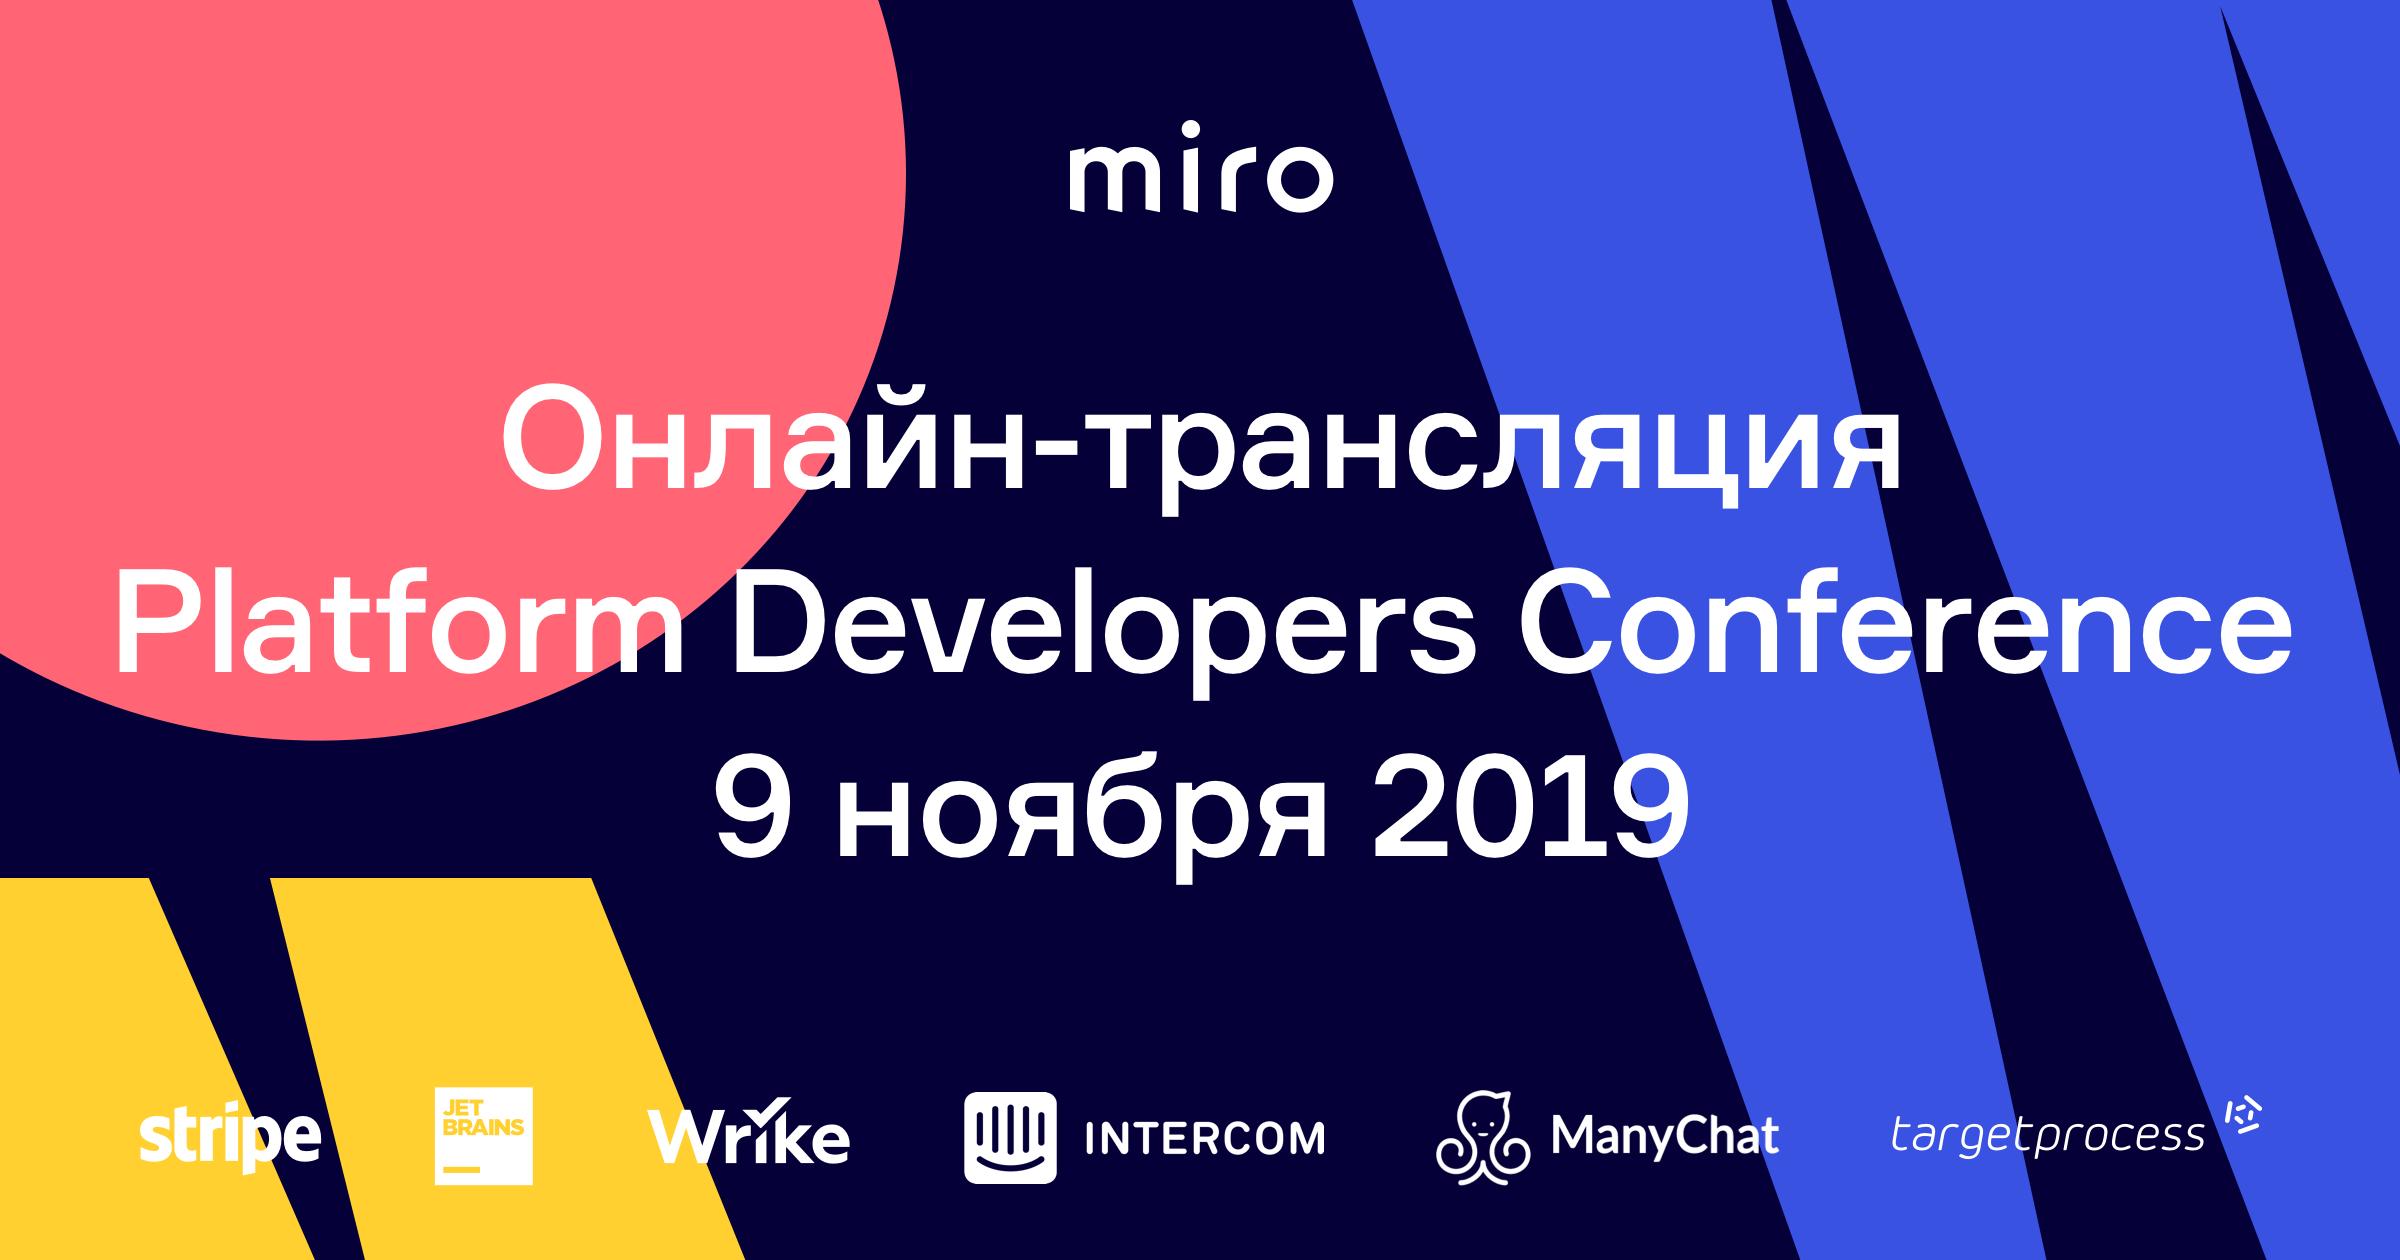 Platform Developers Conf by Miro: онлайн-трансляция